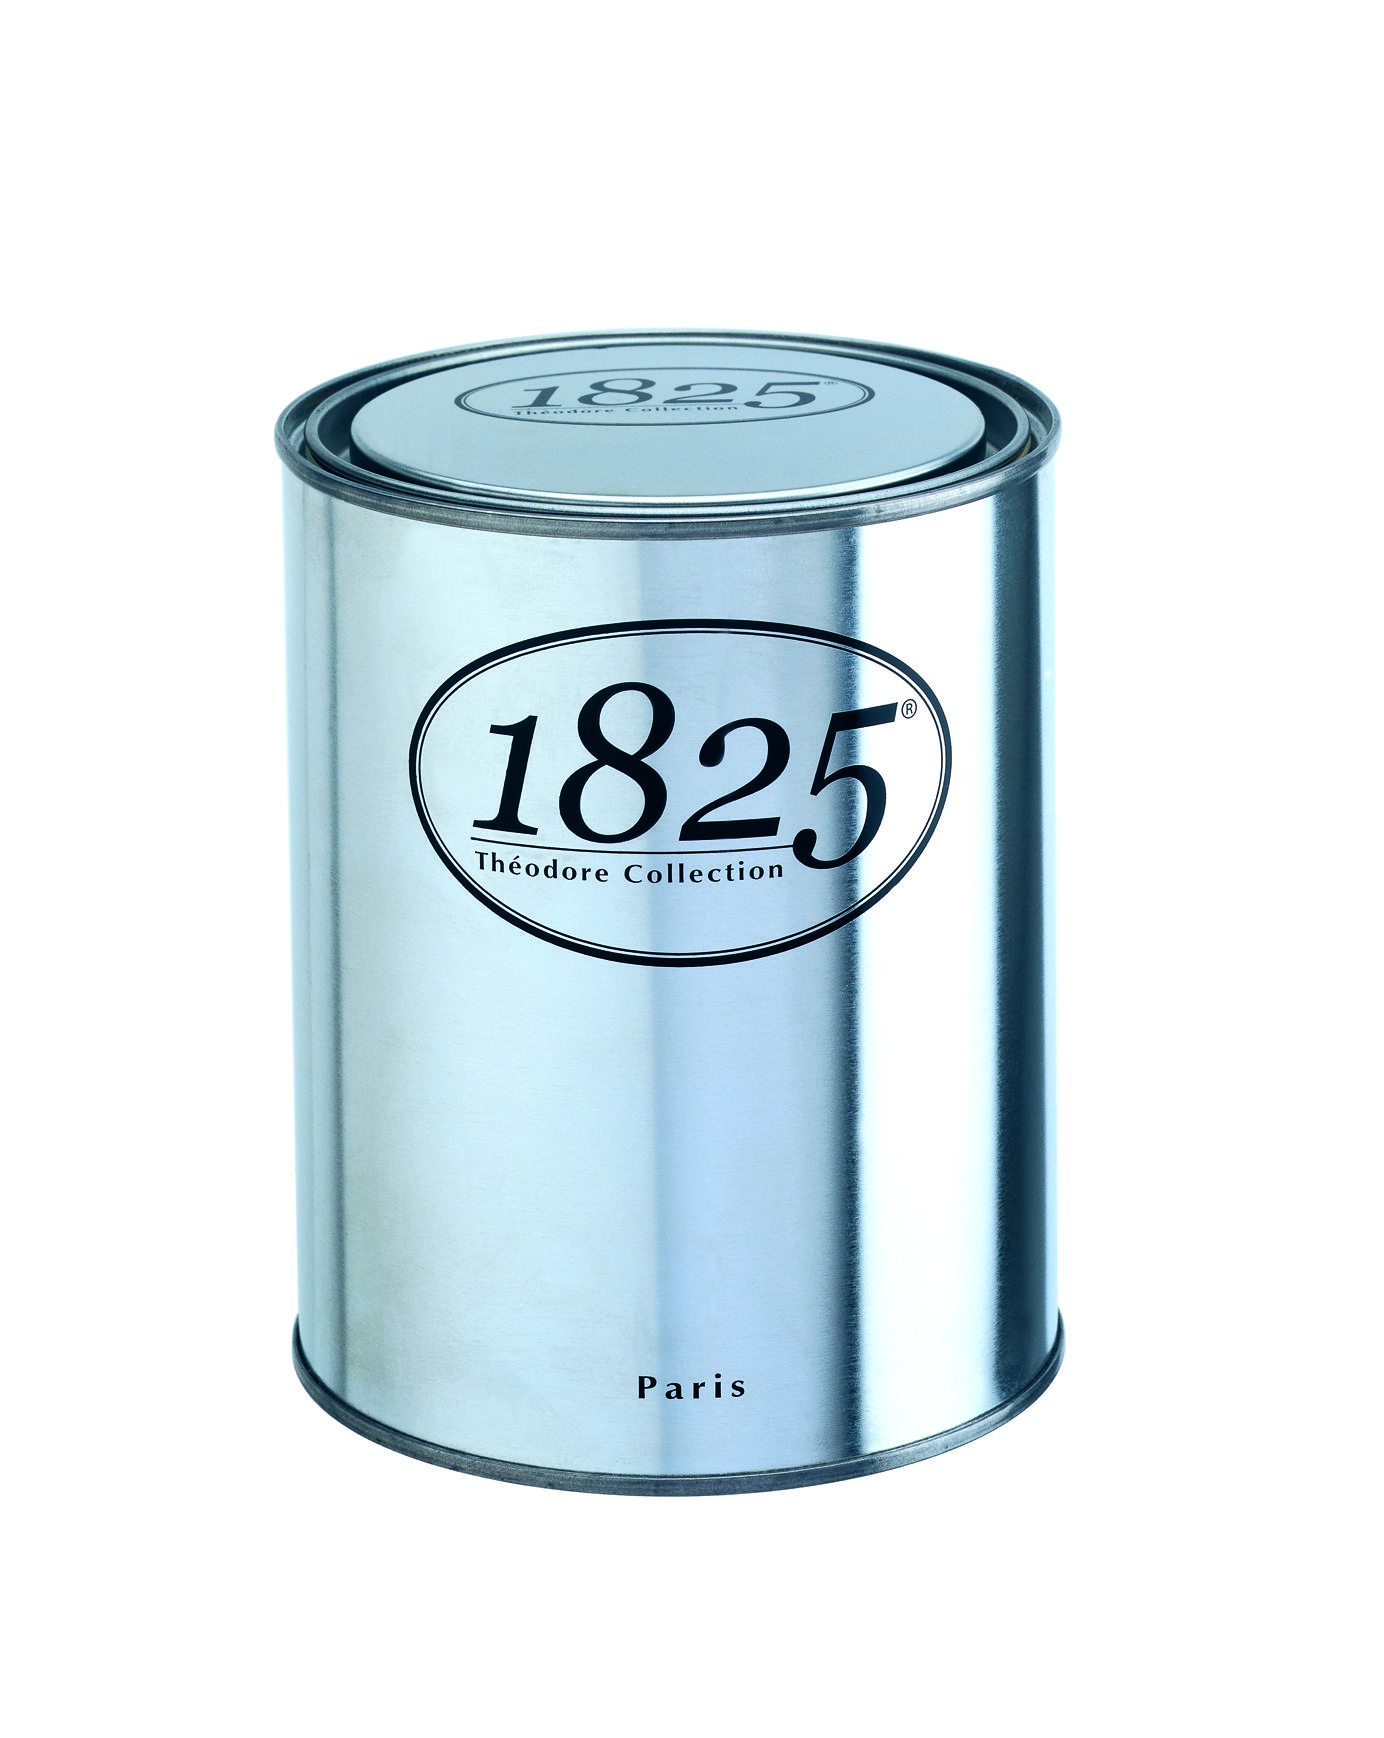 Peinture Mur Et Boiserie Interieur Luxens Blanc Couvrant Satine 10 L En 2020 Boiserie Plafond Peinture Luxens